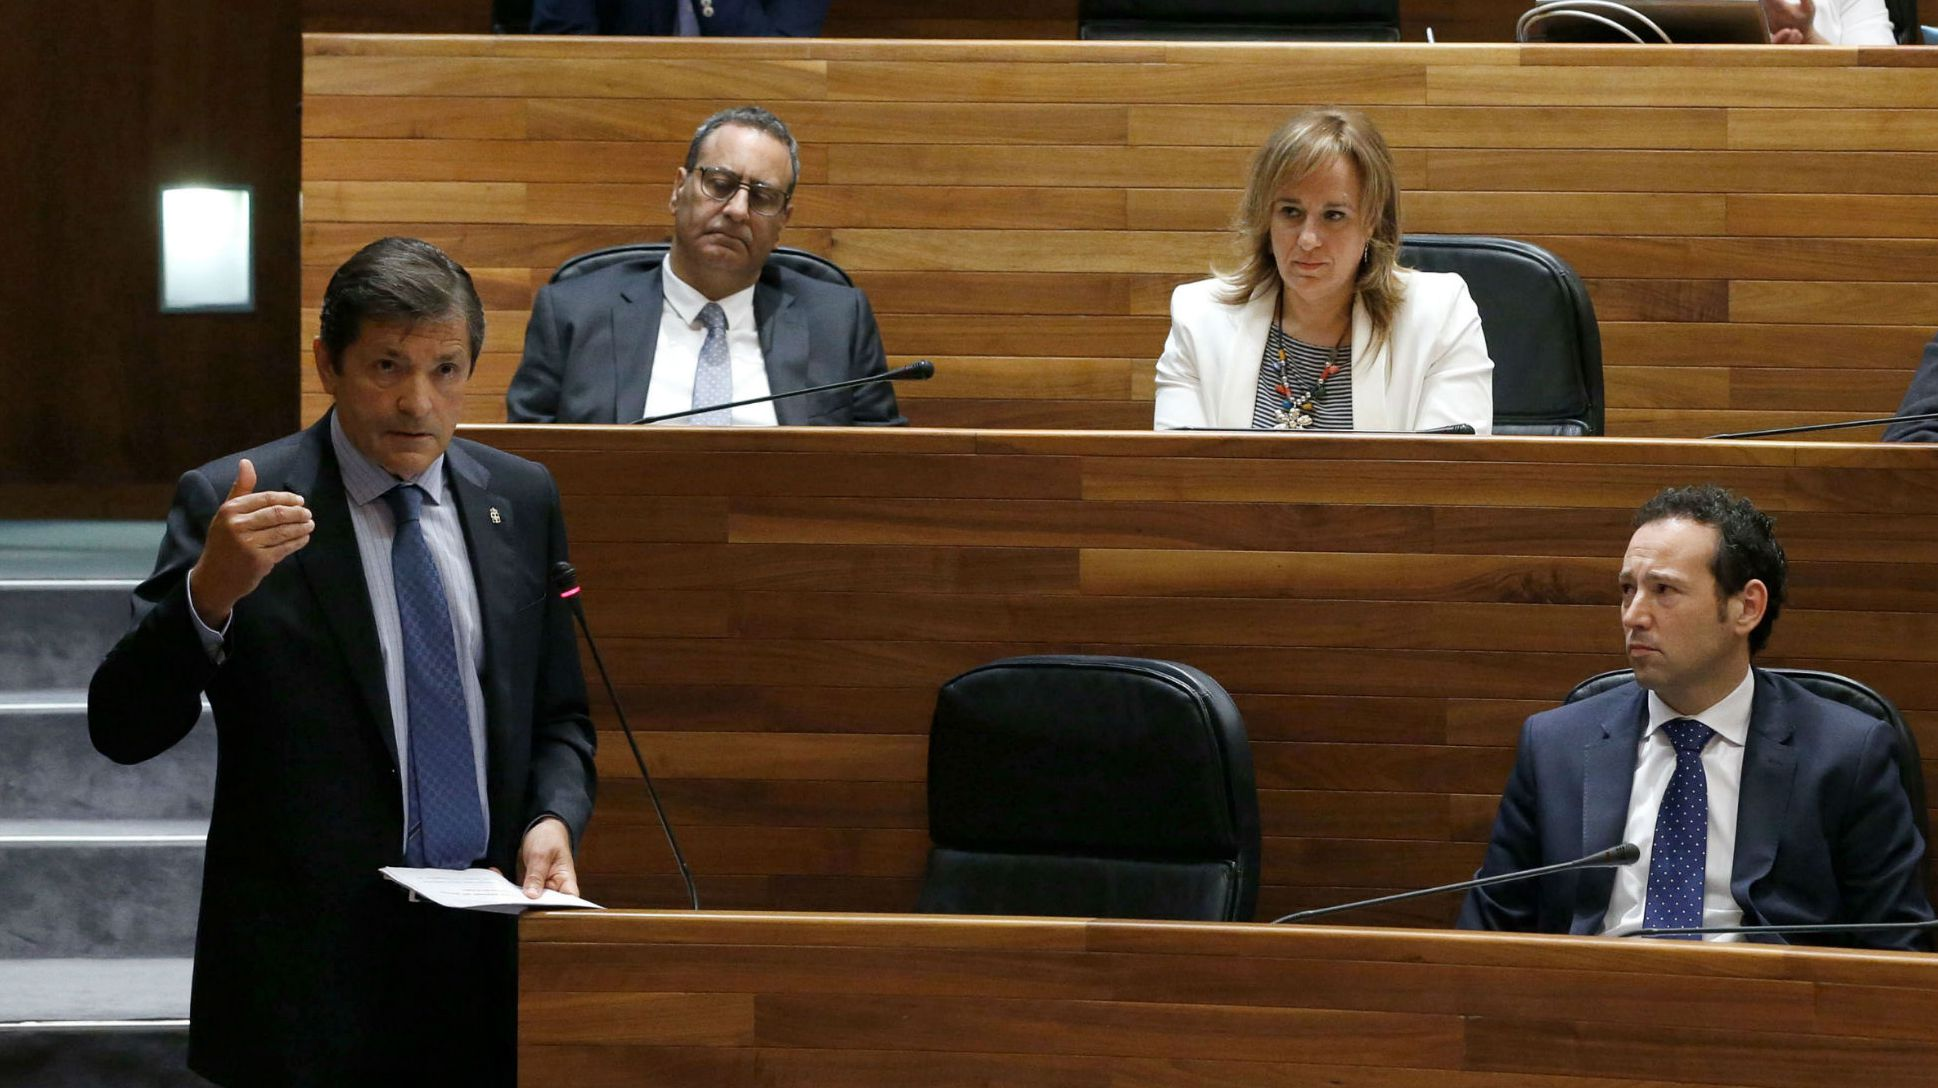 .La presidenta del PP, Mercedes Fernández, durante su intervención en el pleno de la Junta General, con David González Medina, al fondo de la bancada